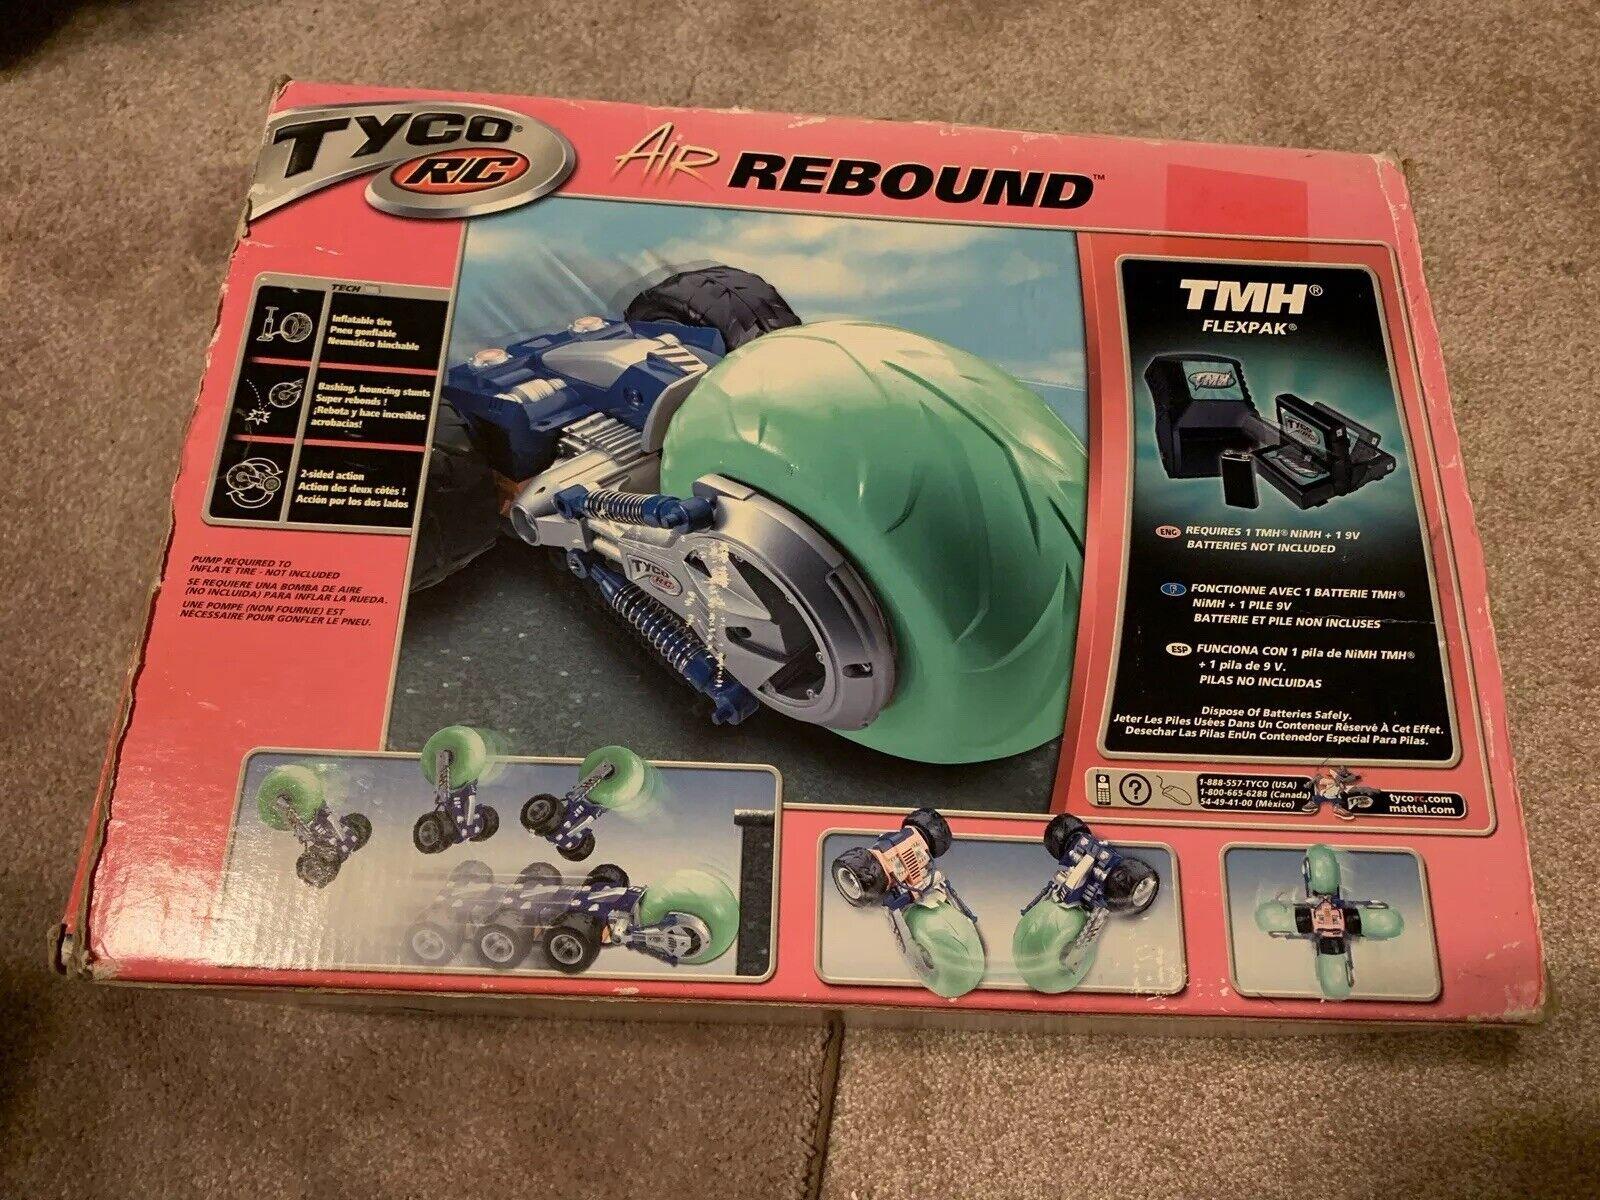 Vintage Tyco R C Air Rebound Remote Control auto  2001 Rare giocattoli  consegna e reso gratuiti